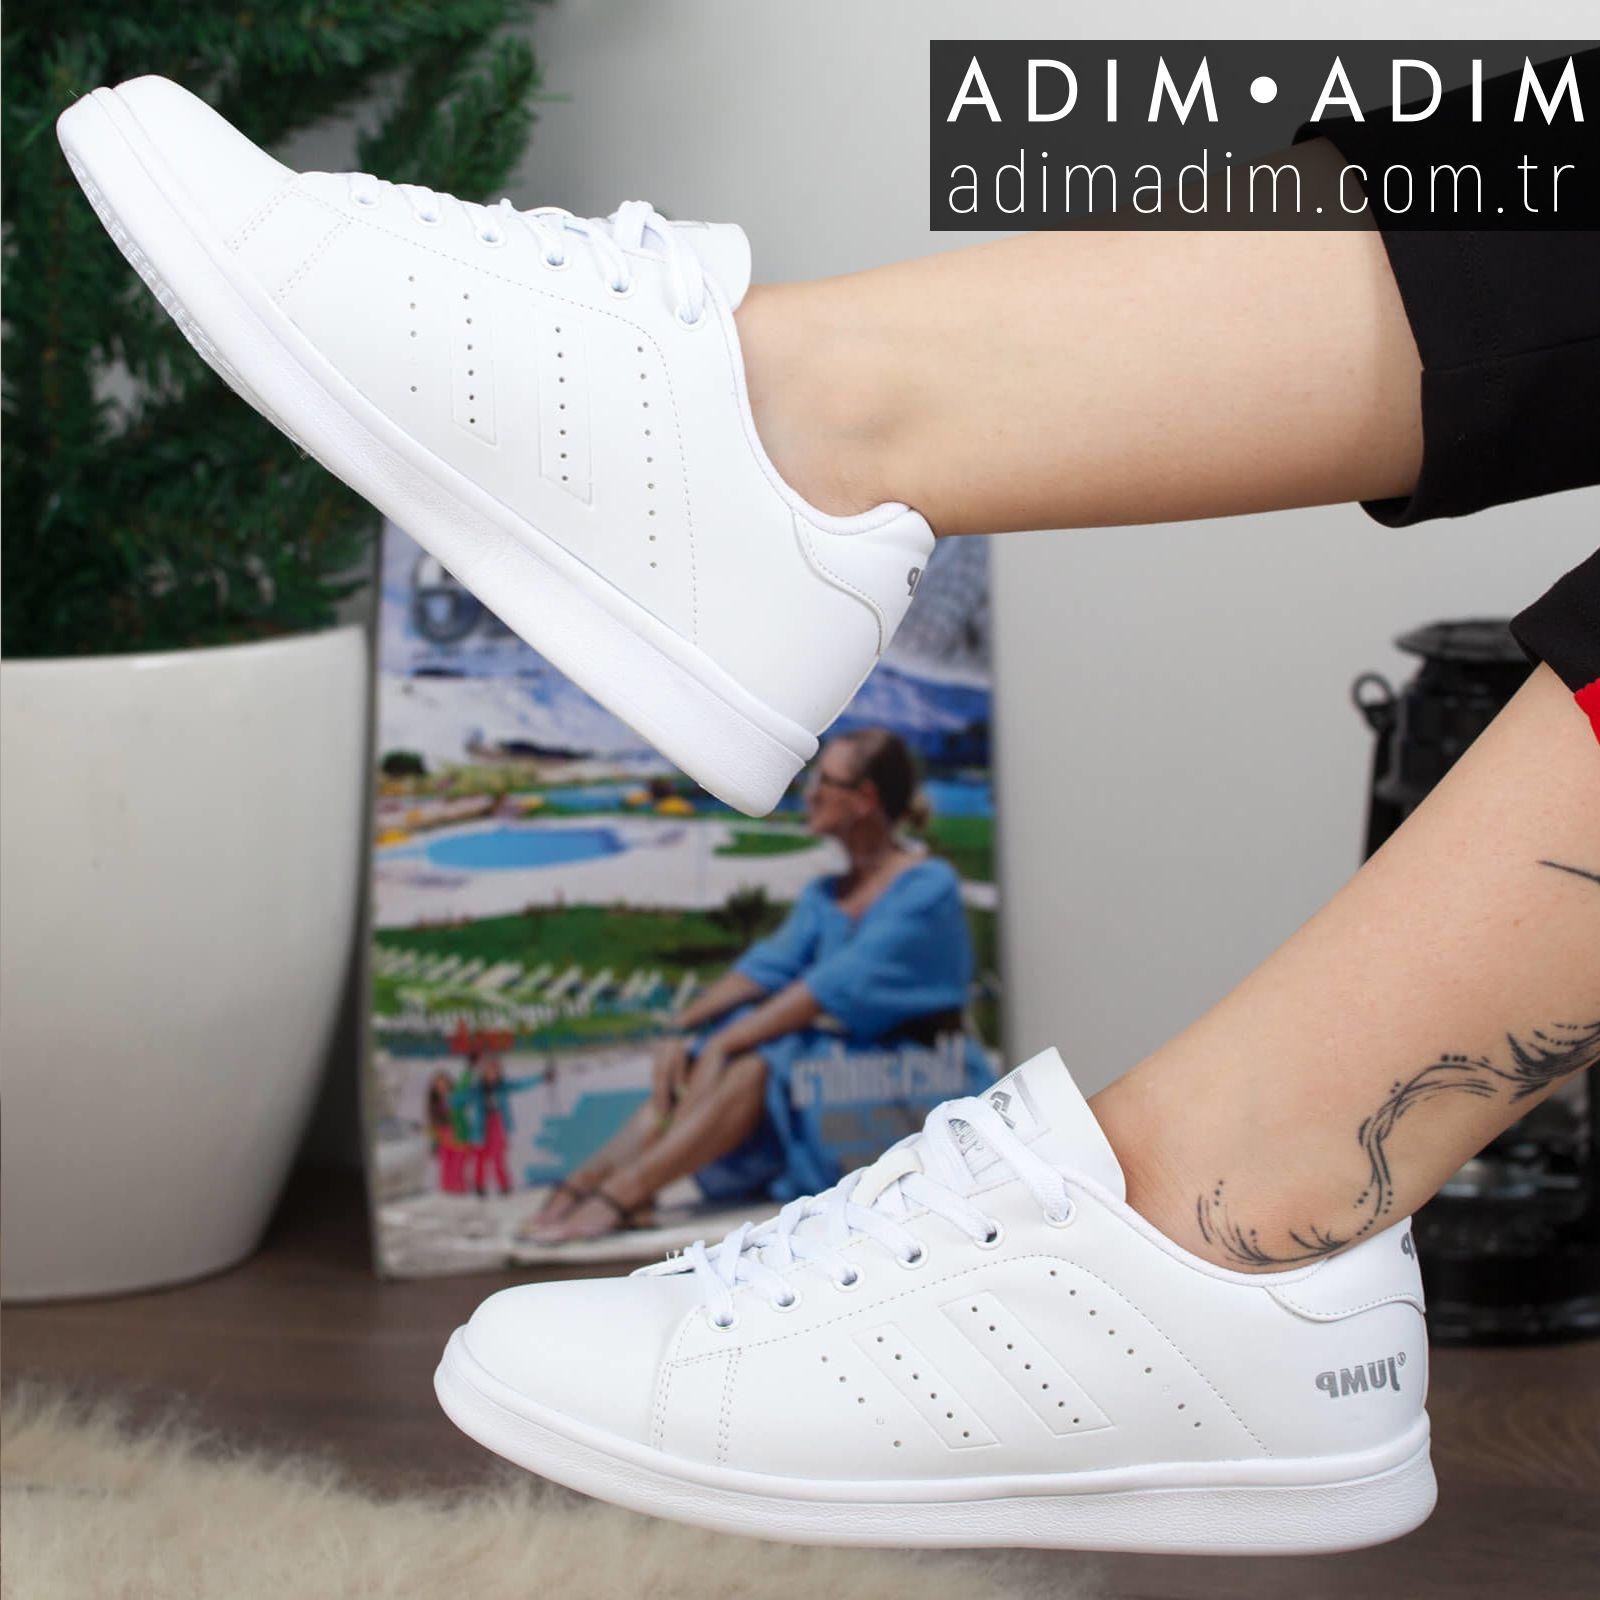 Jump Kadin Gunluk Spor Ayakkabi Fiyat 119 90 Tl Numara 36 40 Renk Beyaz Siyah Beyaz Urun Kodu A192yjmp006 Ayakkabilar Kadin Spor